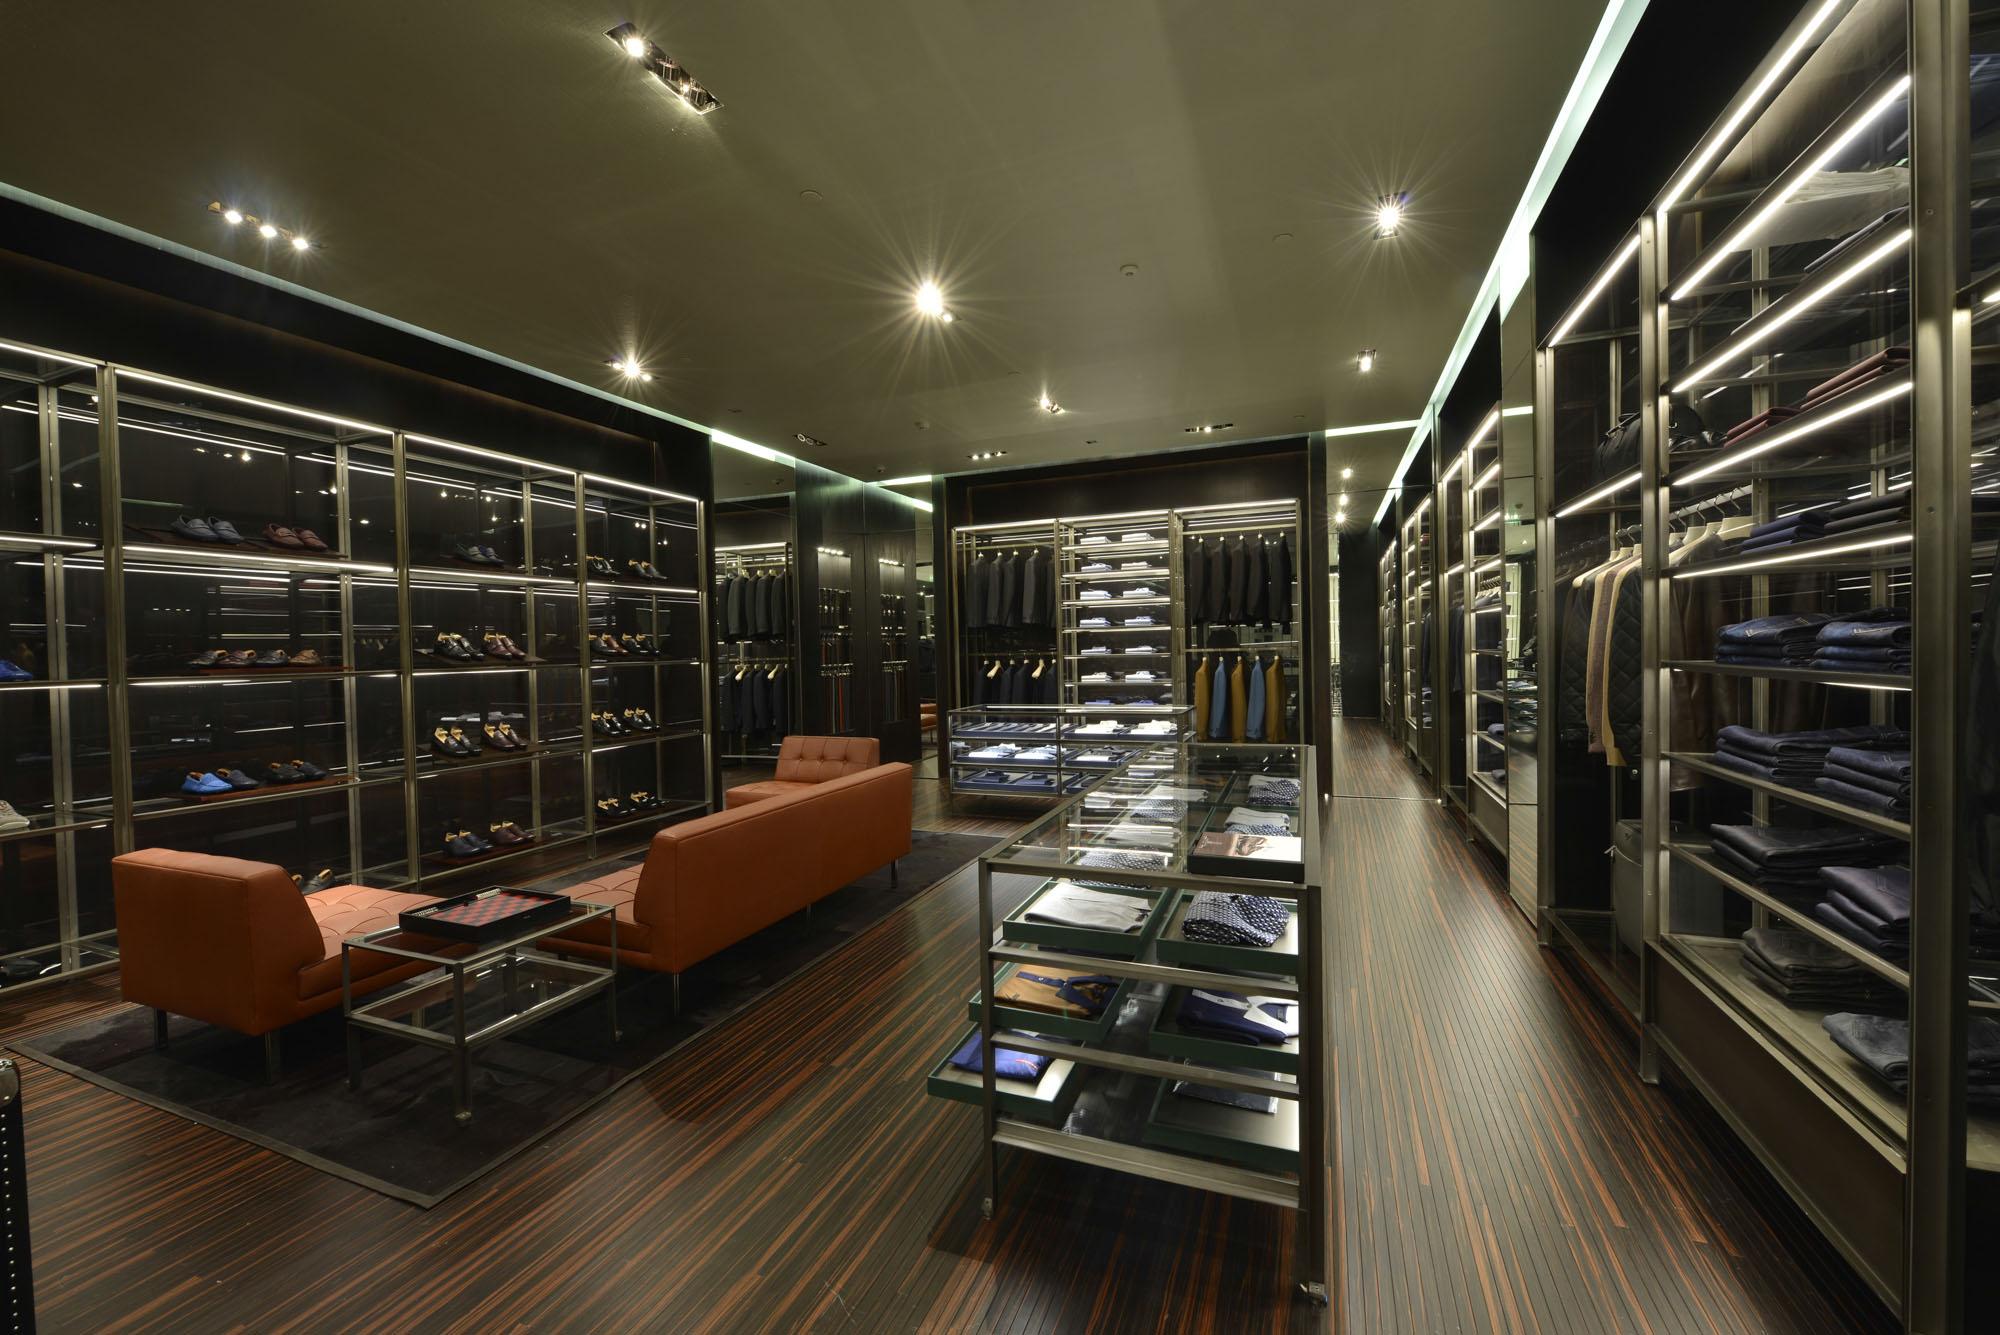 81ecf2fcc0da5 Galeria de Fotos Por dentro da nova loja da Prada no shopping Cidade Jardim  em SP    Foto 3    Notícias    FFW